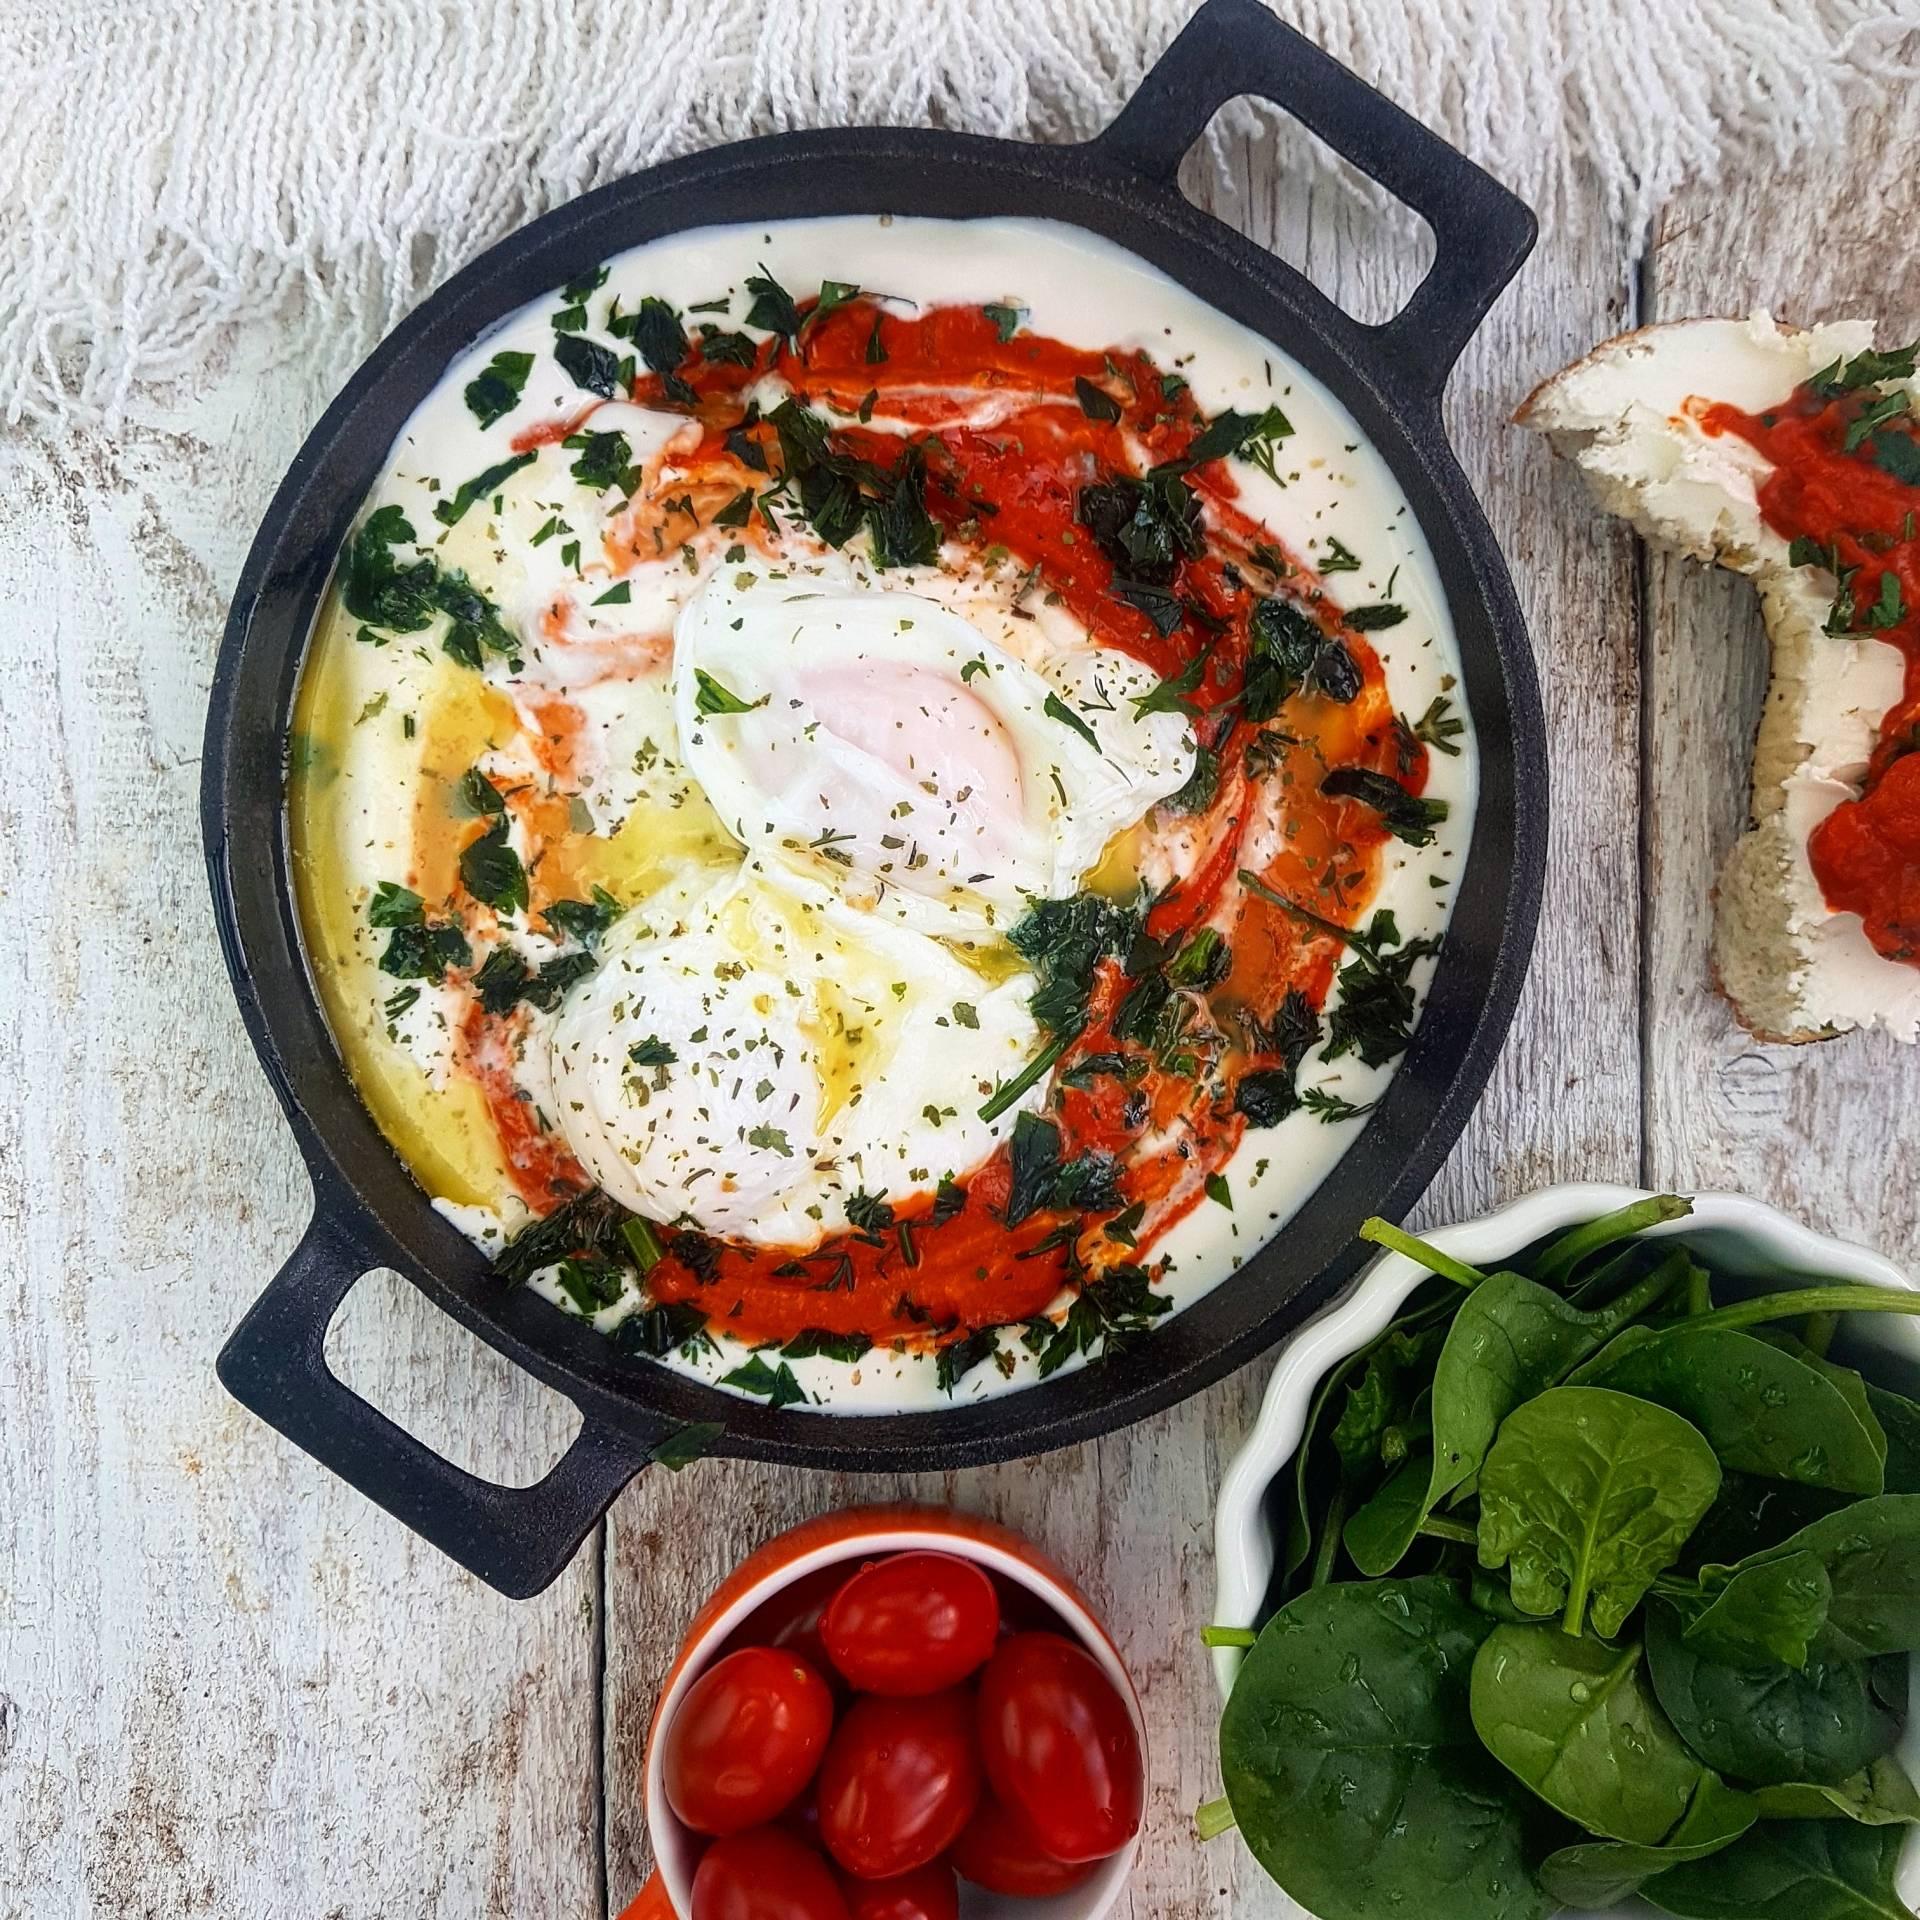 Jajka po turecku z pastą paprykowo-pomidorową - przepis Agnieszki Żelazko.